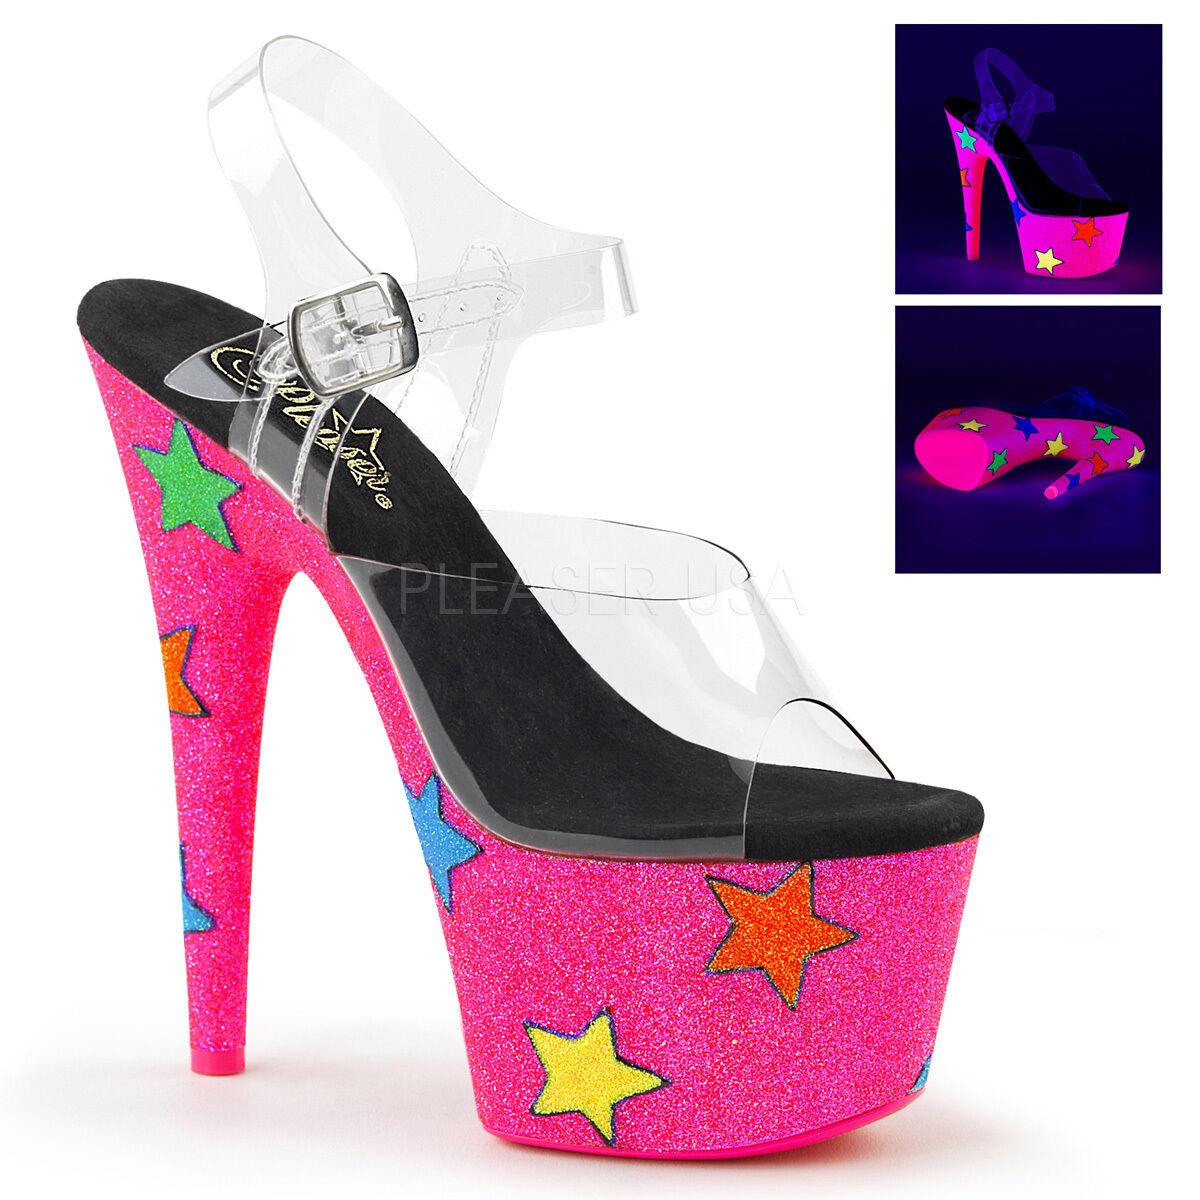 PLEASER Sexy Stripper UV Reactive Neon Pink Glitter Stars Platform 7